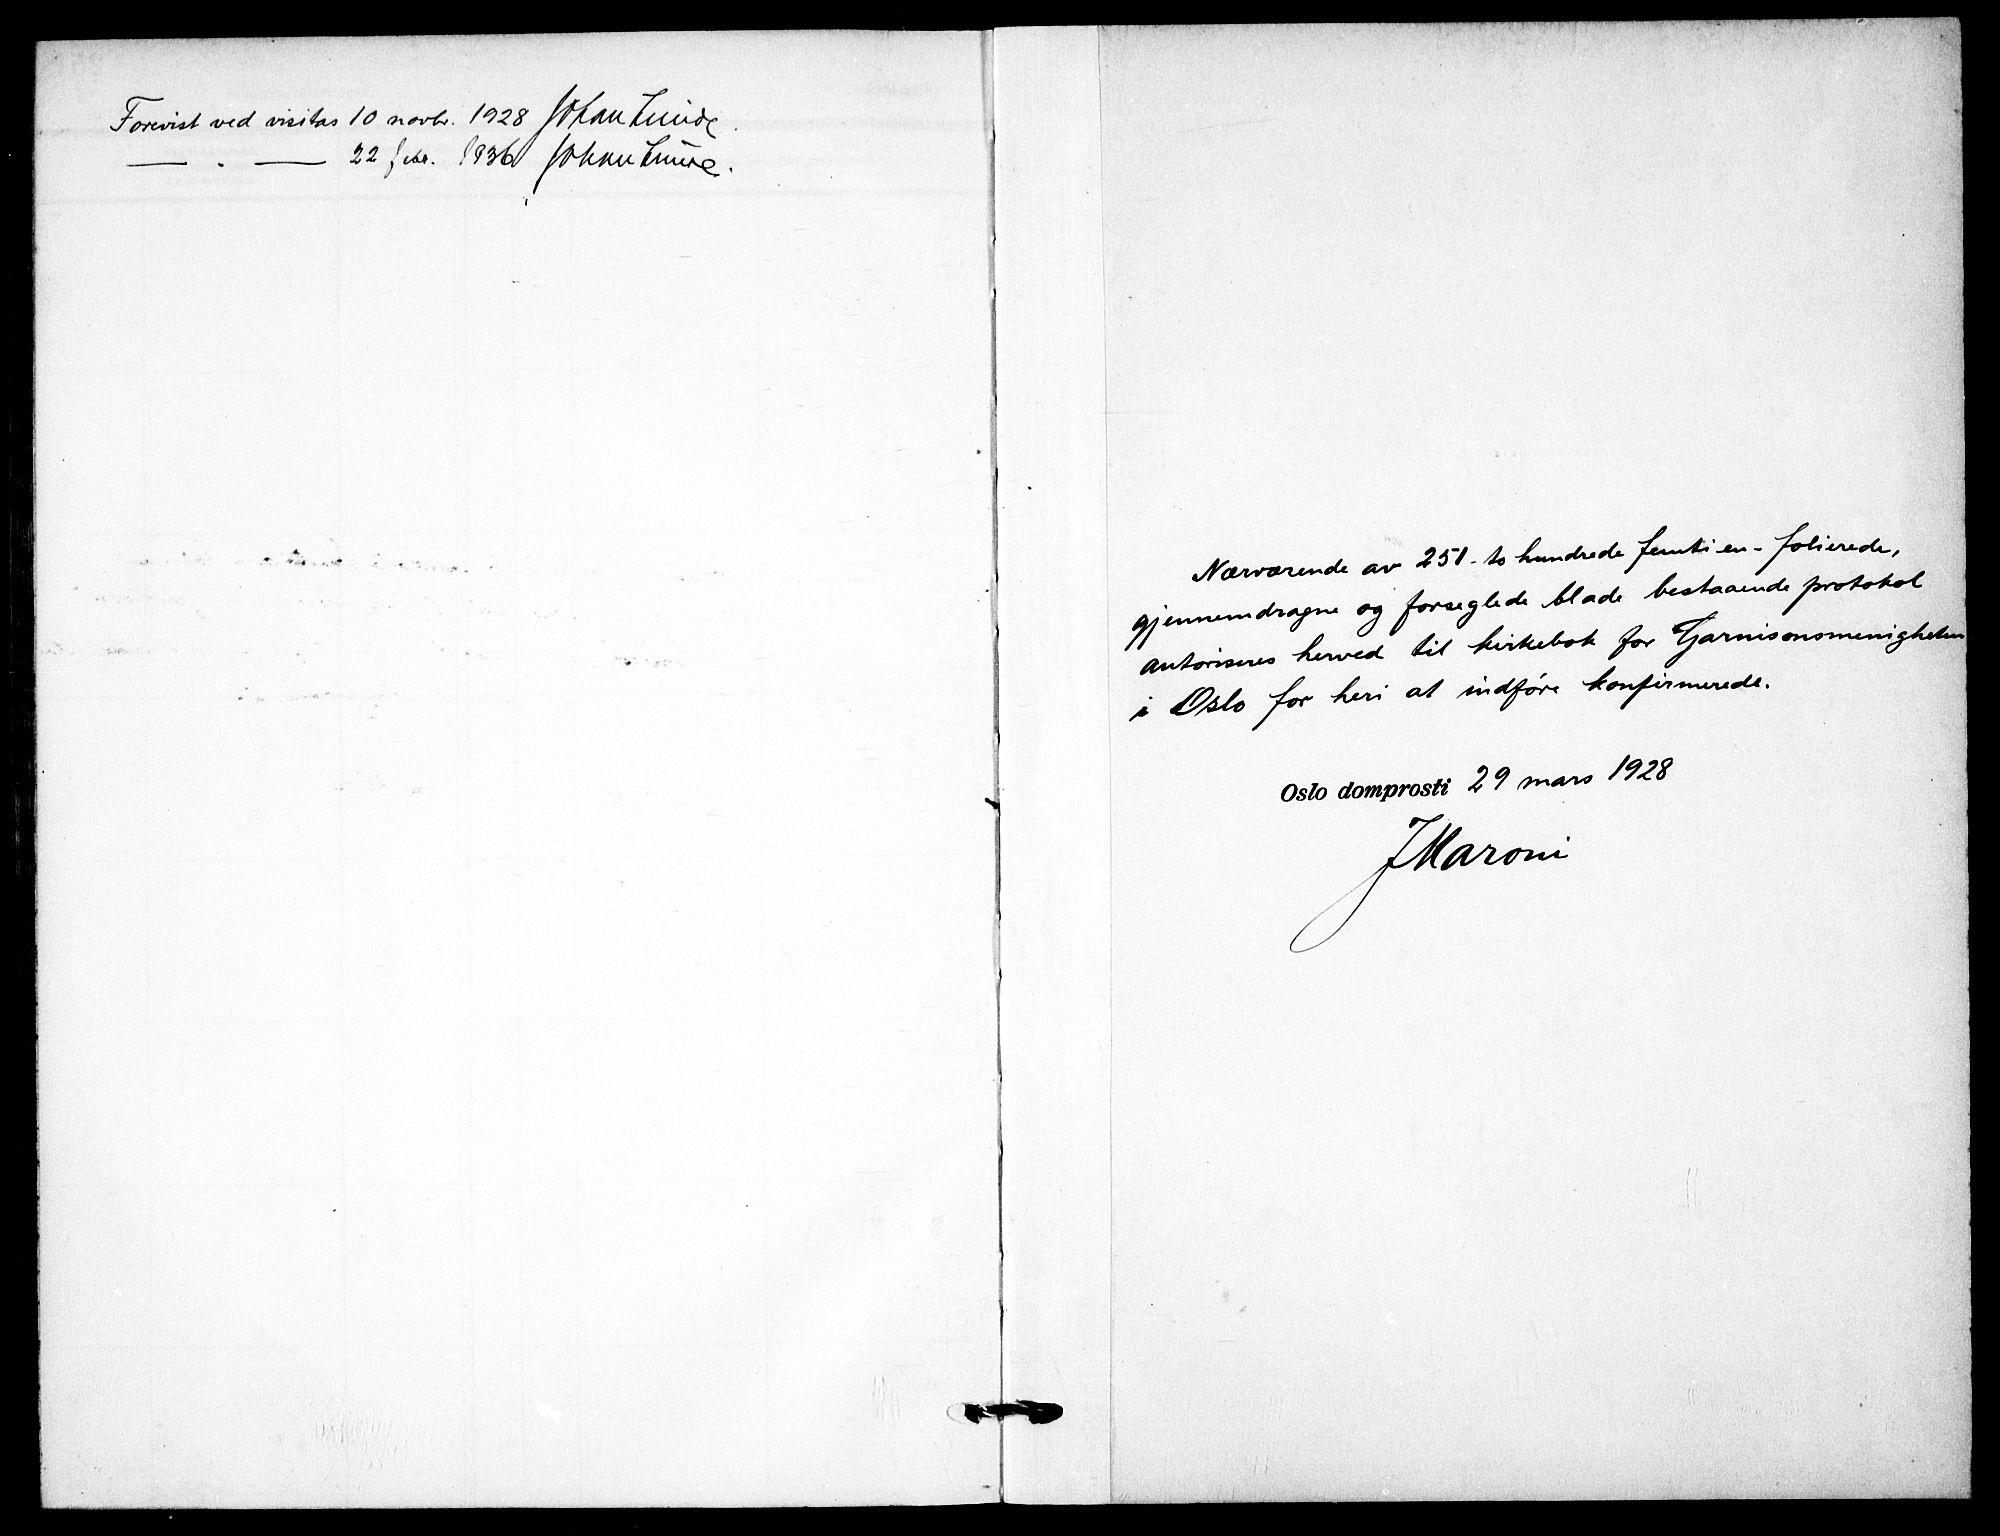 SAO, Garnisonsmenigheten Kirkebøker, F/Fa/L0017: Parish register (official) no. 17, 1926-1937